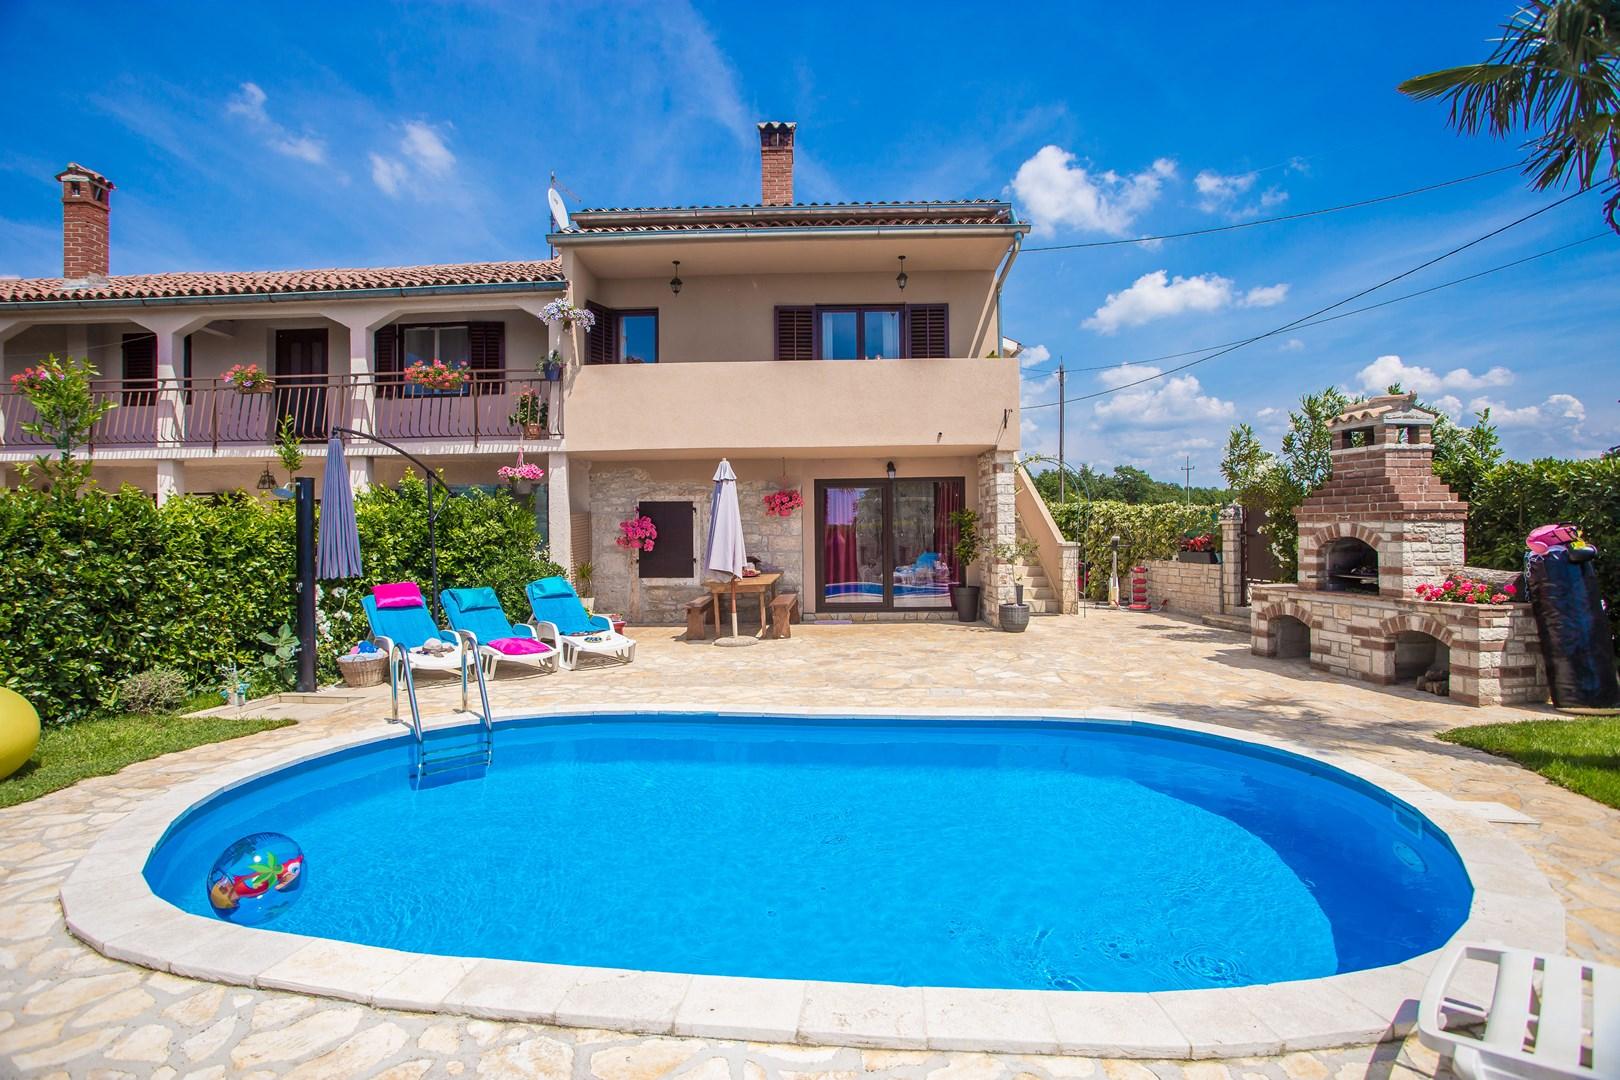 Ferienhaus Marinela mit privatem Pool (1412599), Kanfanar, , Istrien, Kroatien, Bild 1